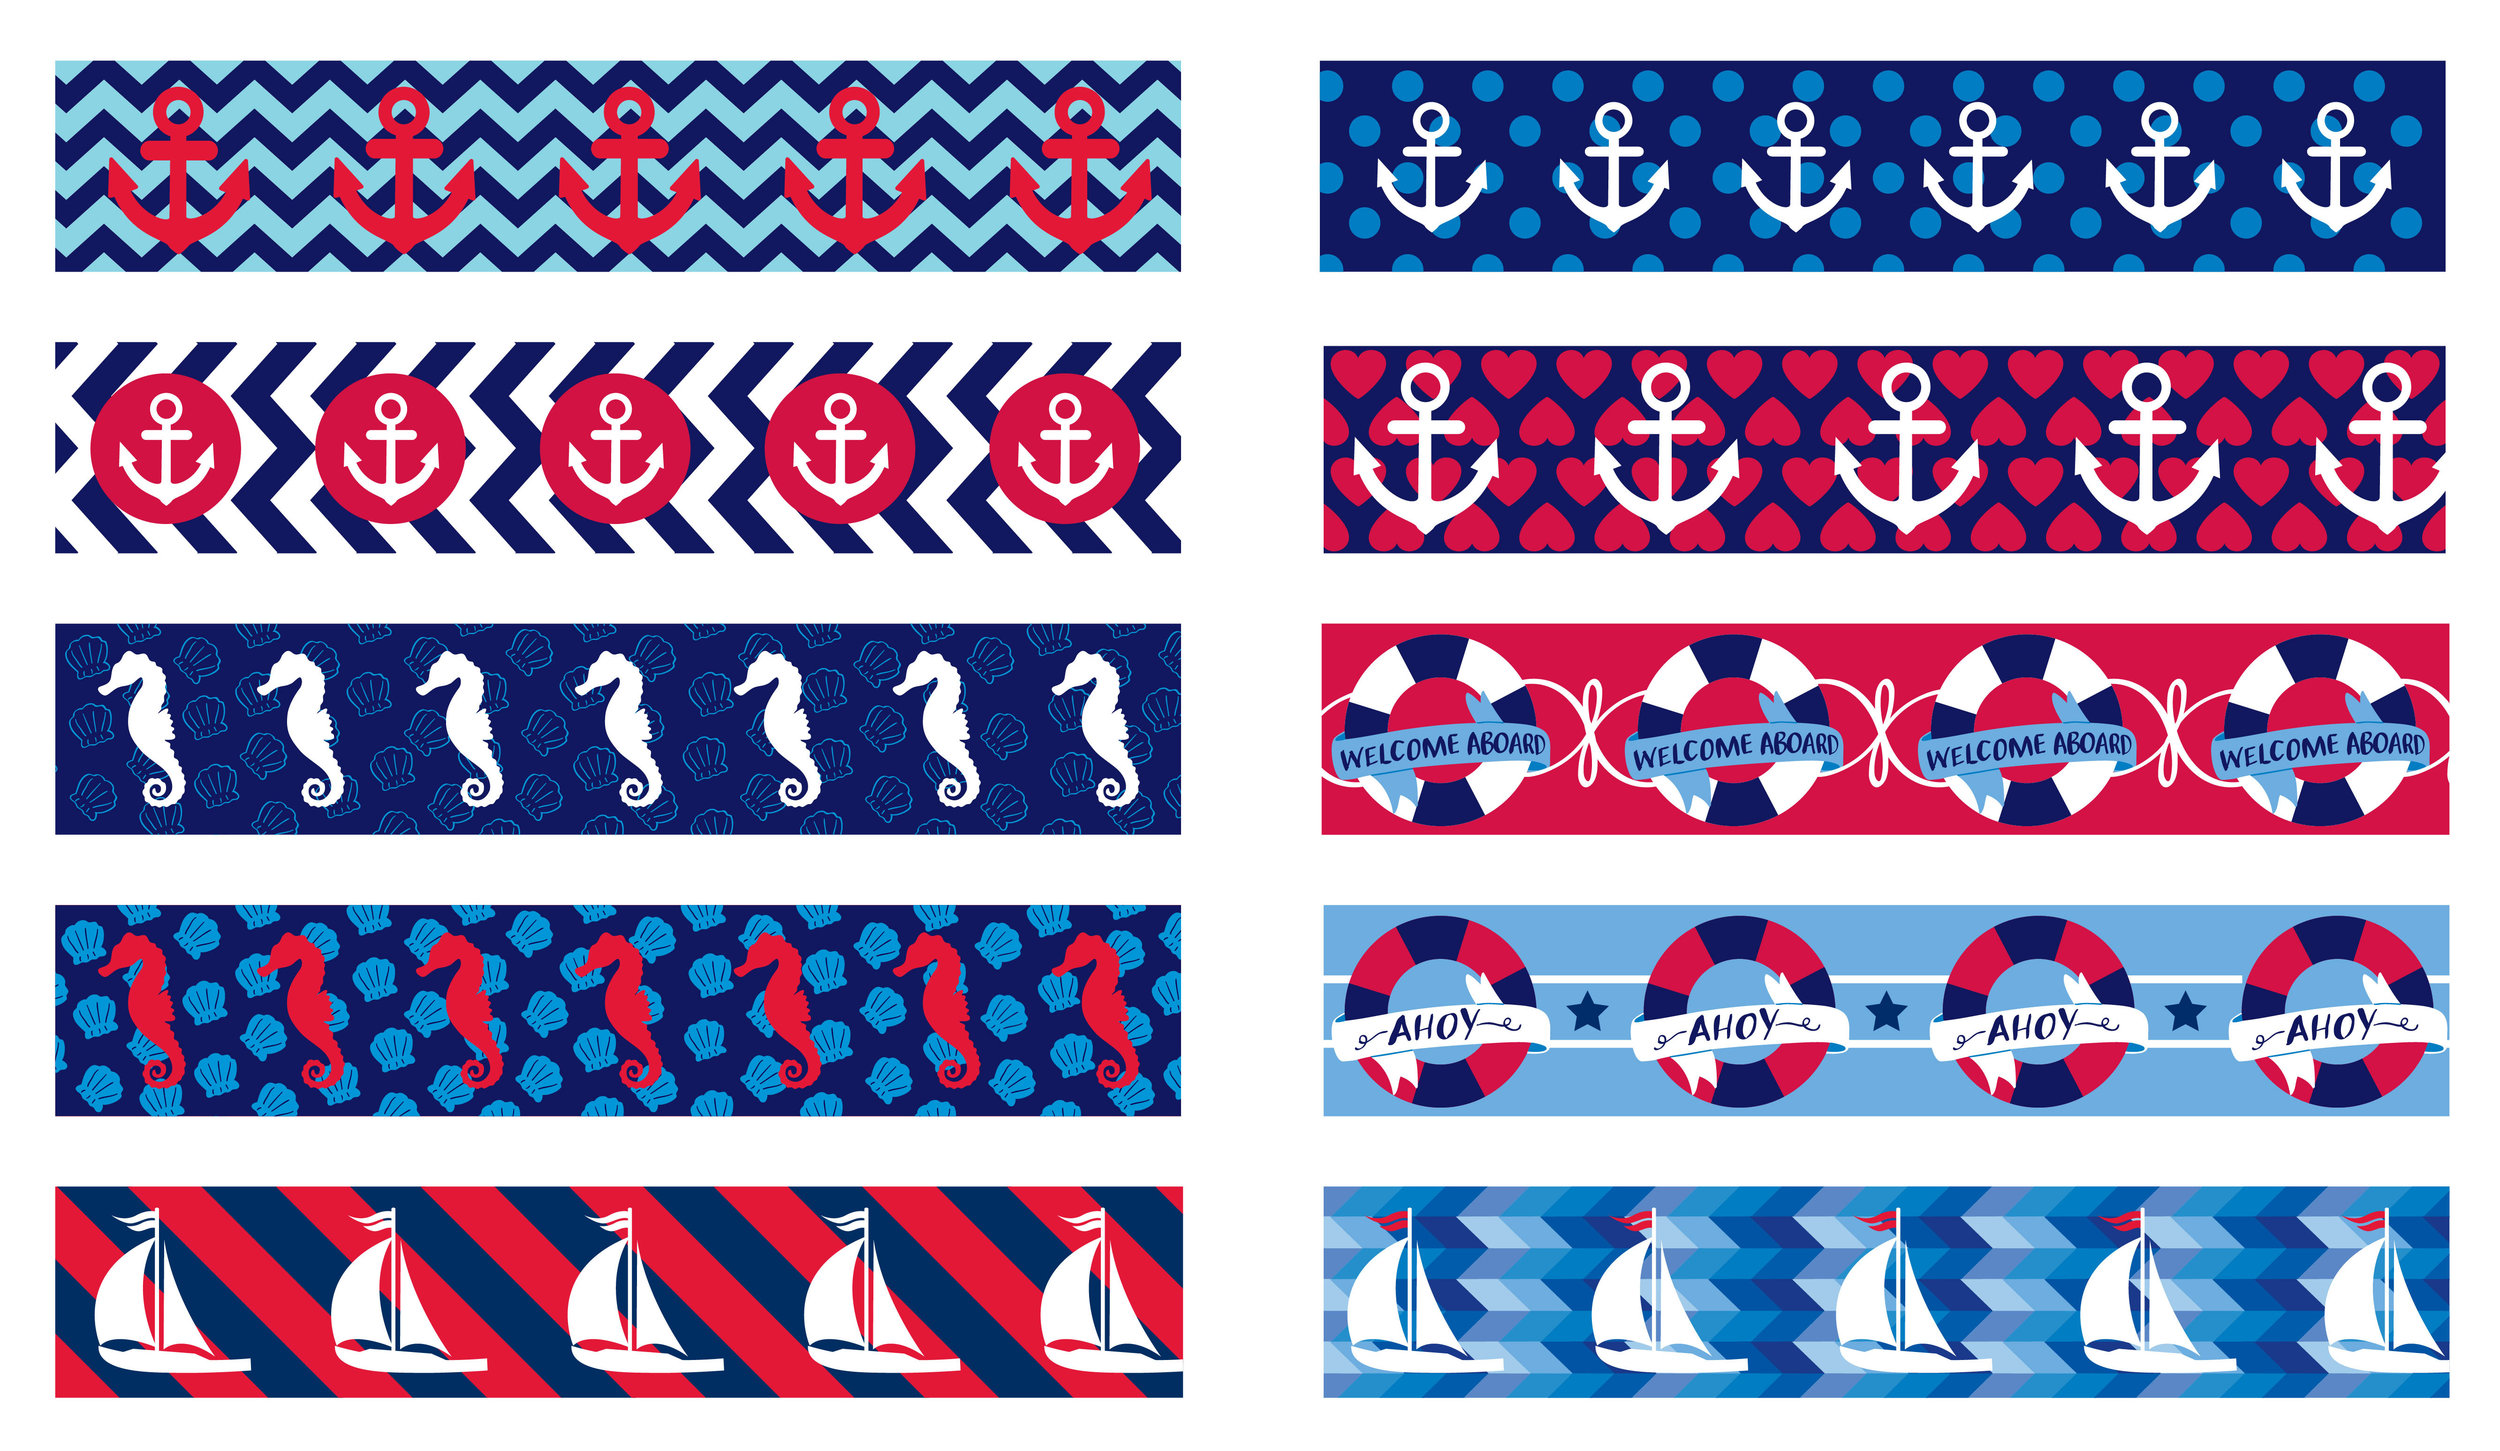 NauticalRibbons_1.5in.jpg